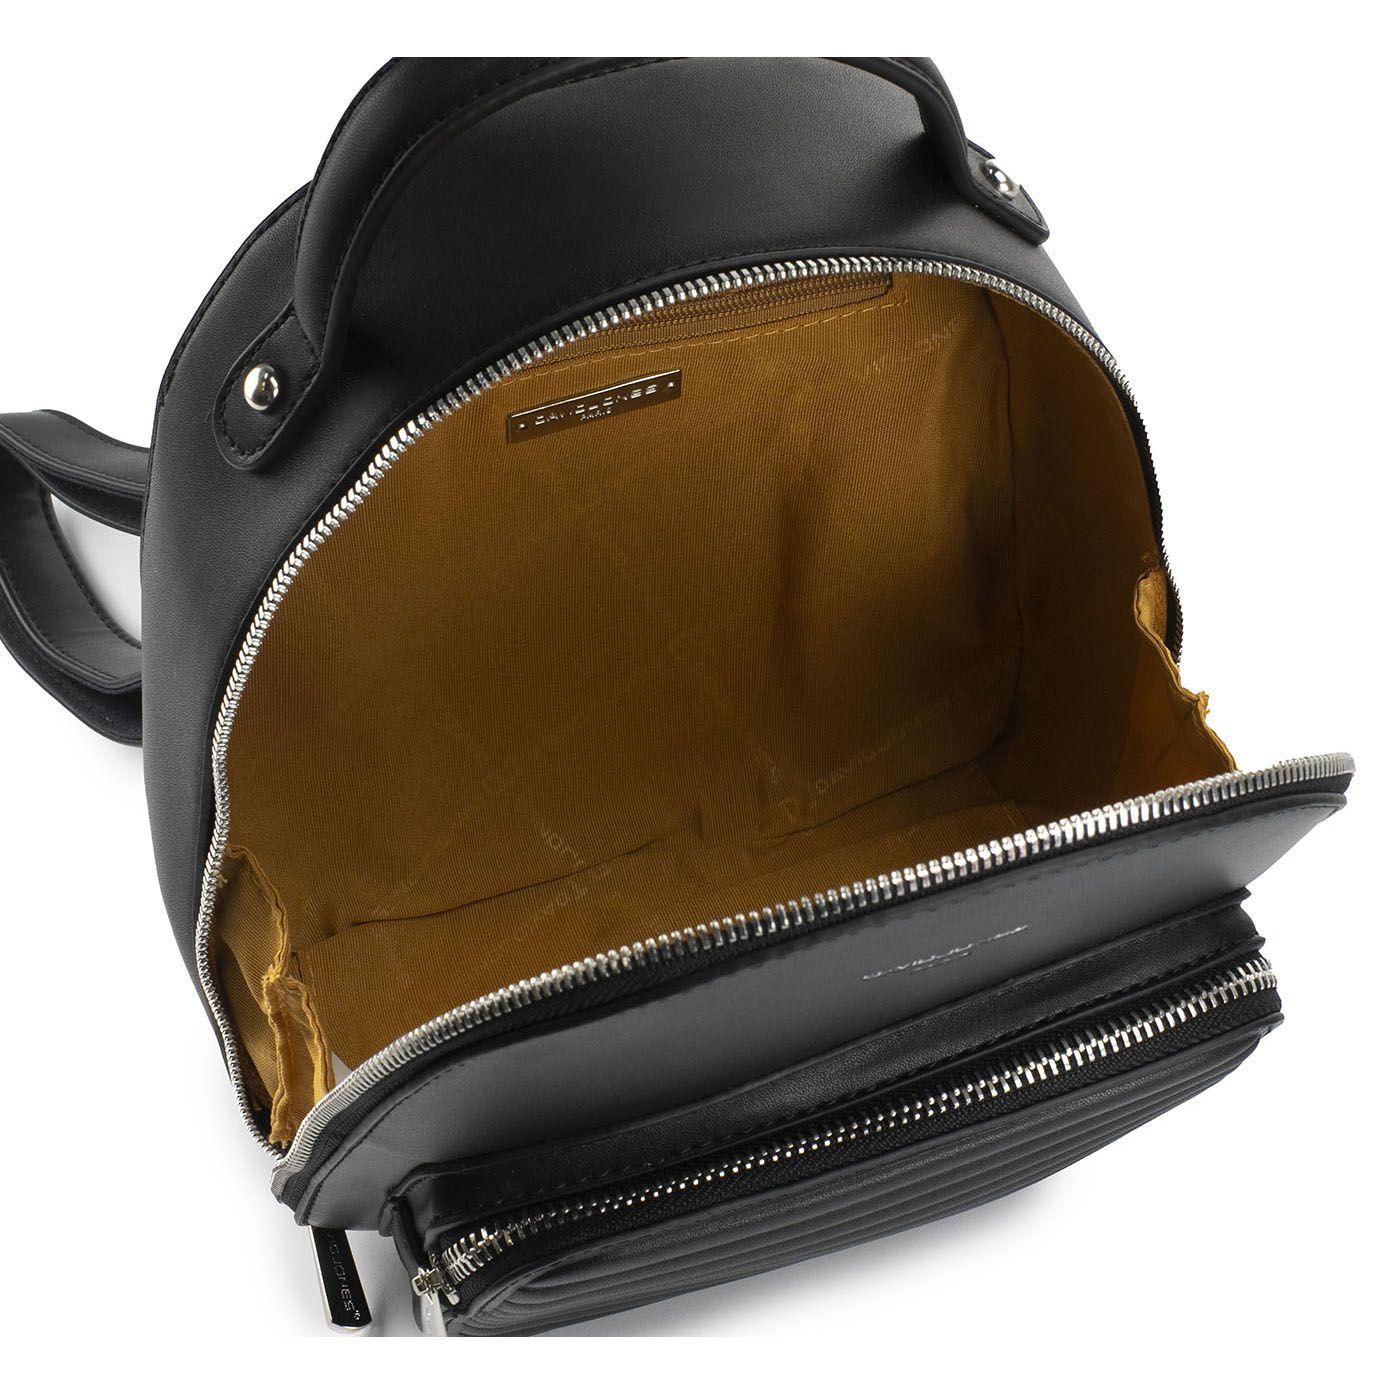 کوله پشتی زنانه دیویدجونز مدل 6275-3 -  - 11